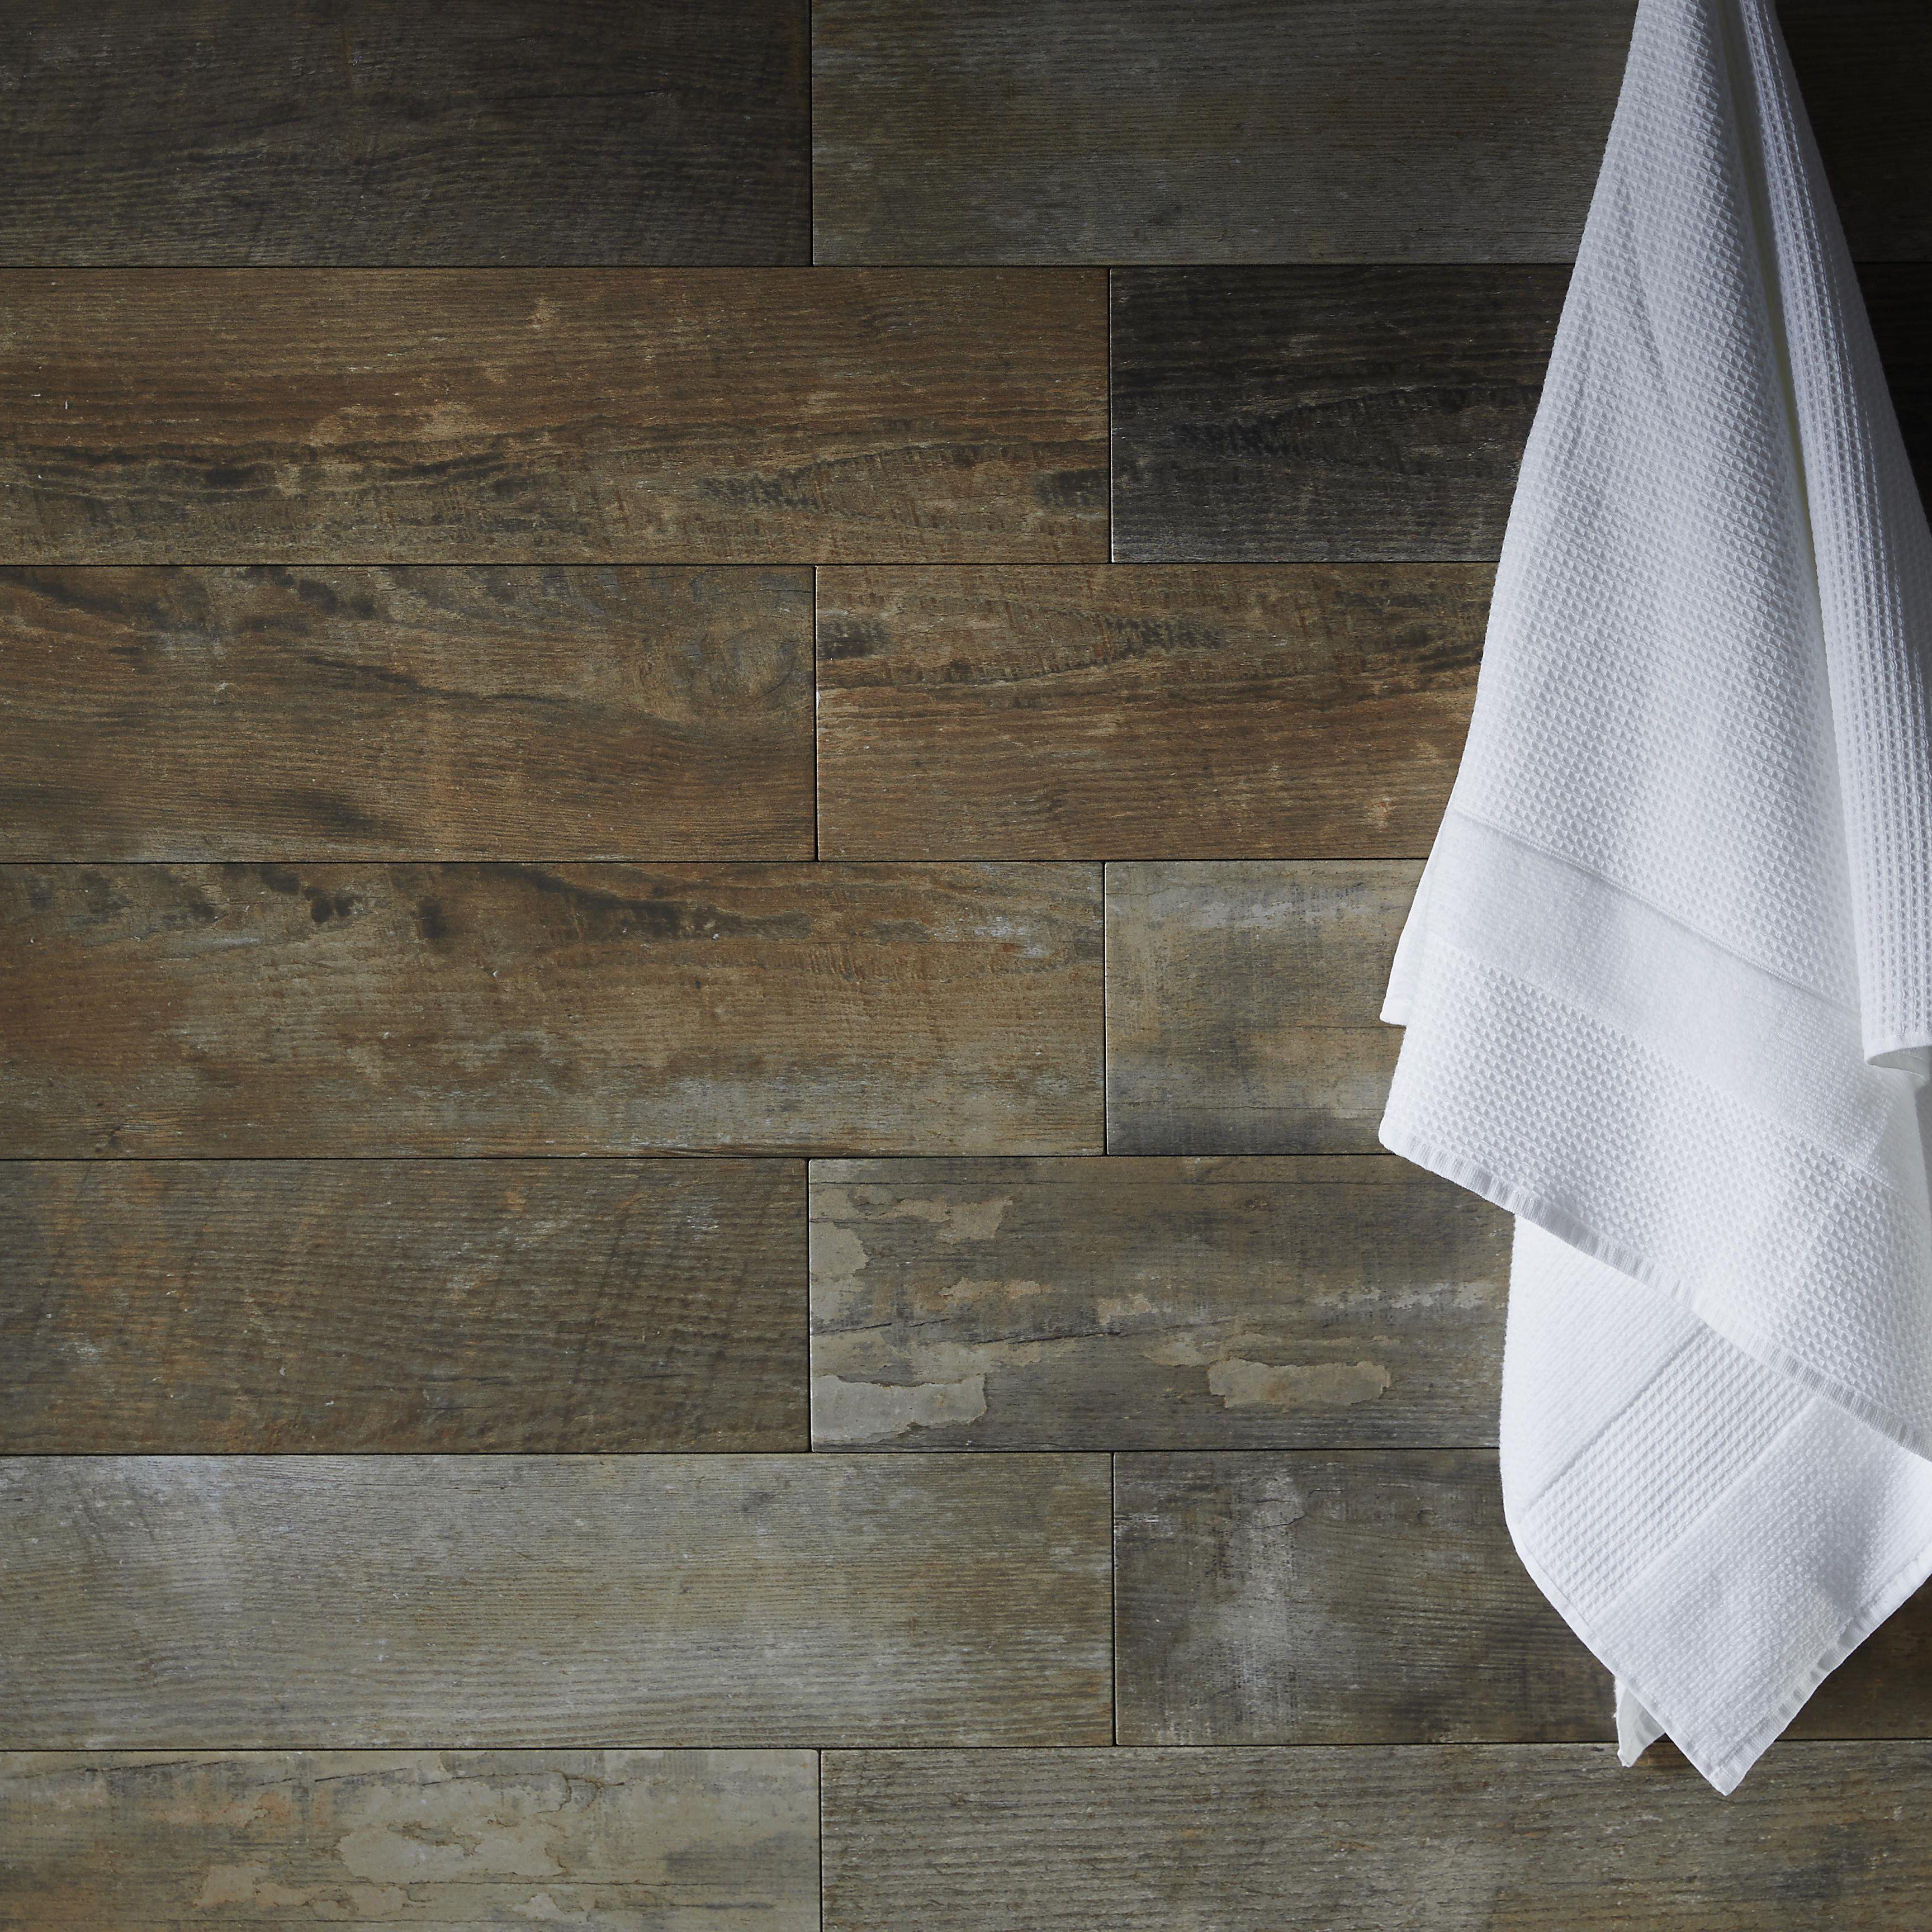 Wood Effect Tiles Part 38